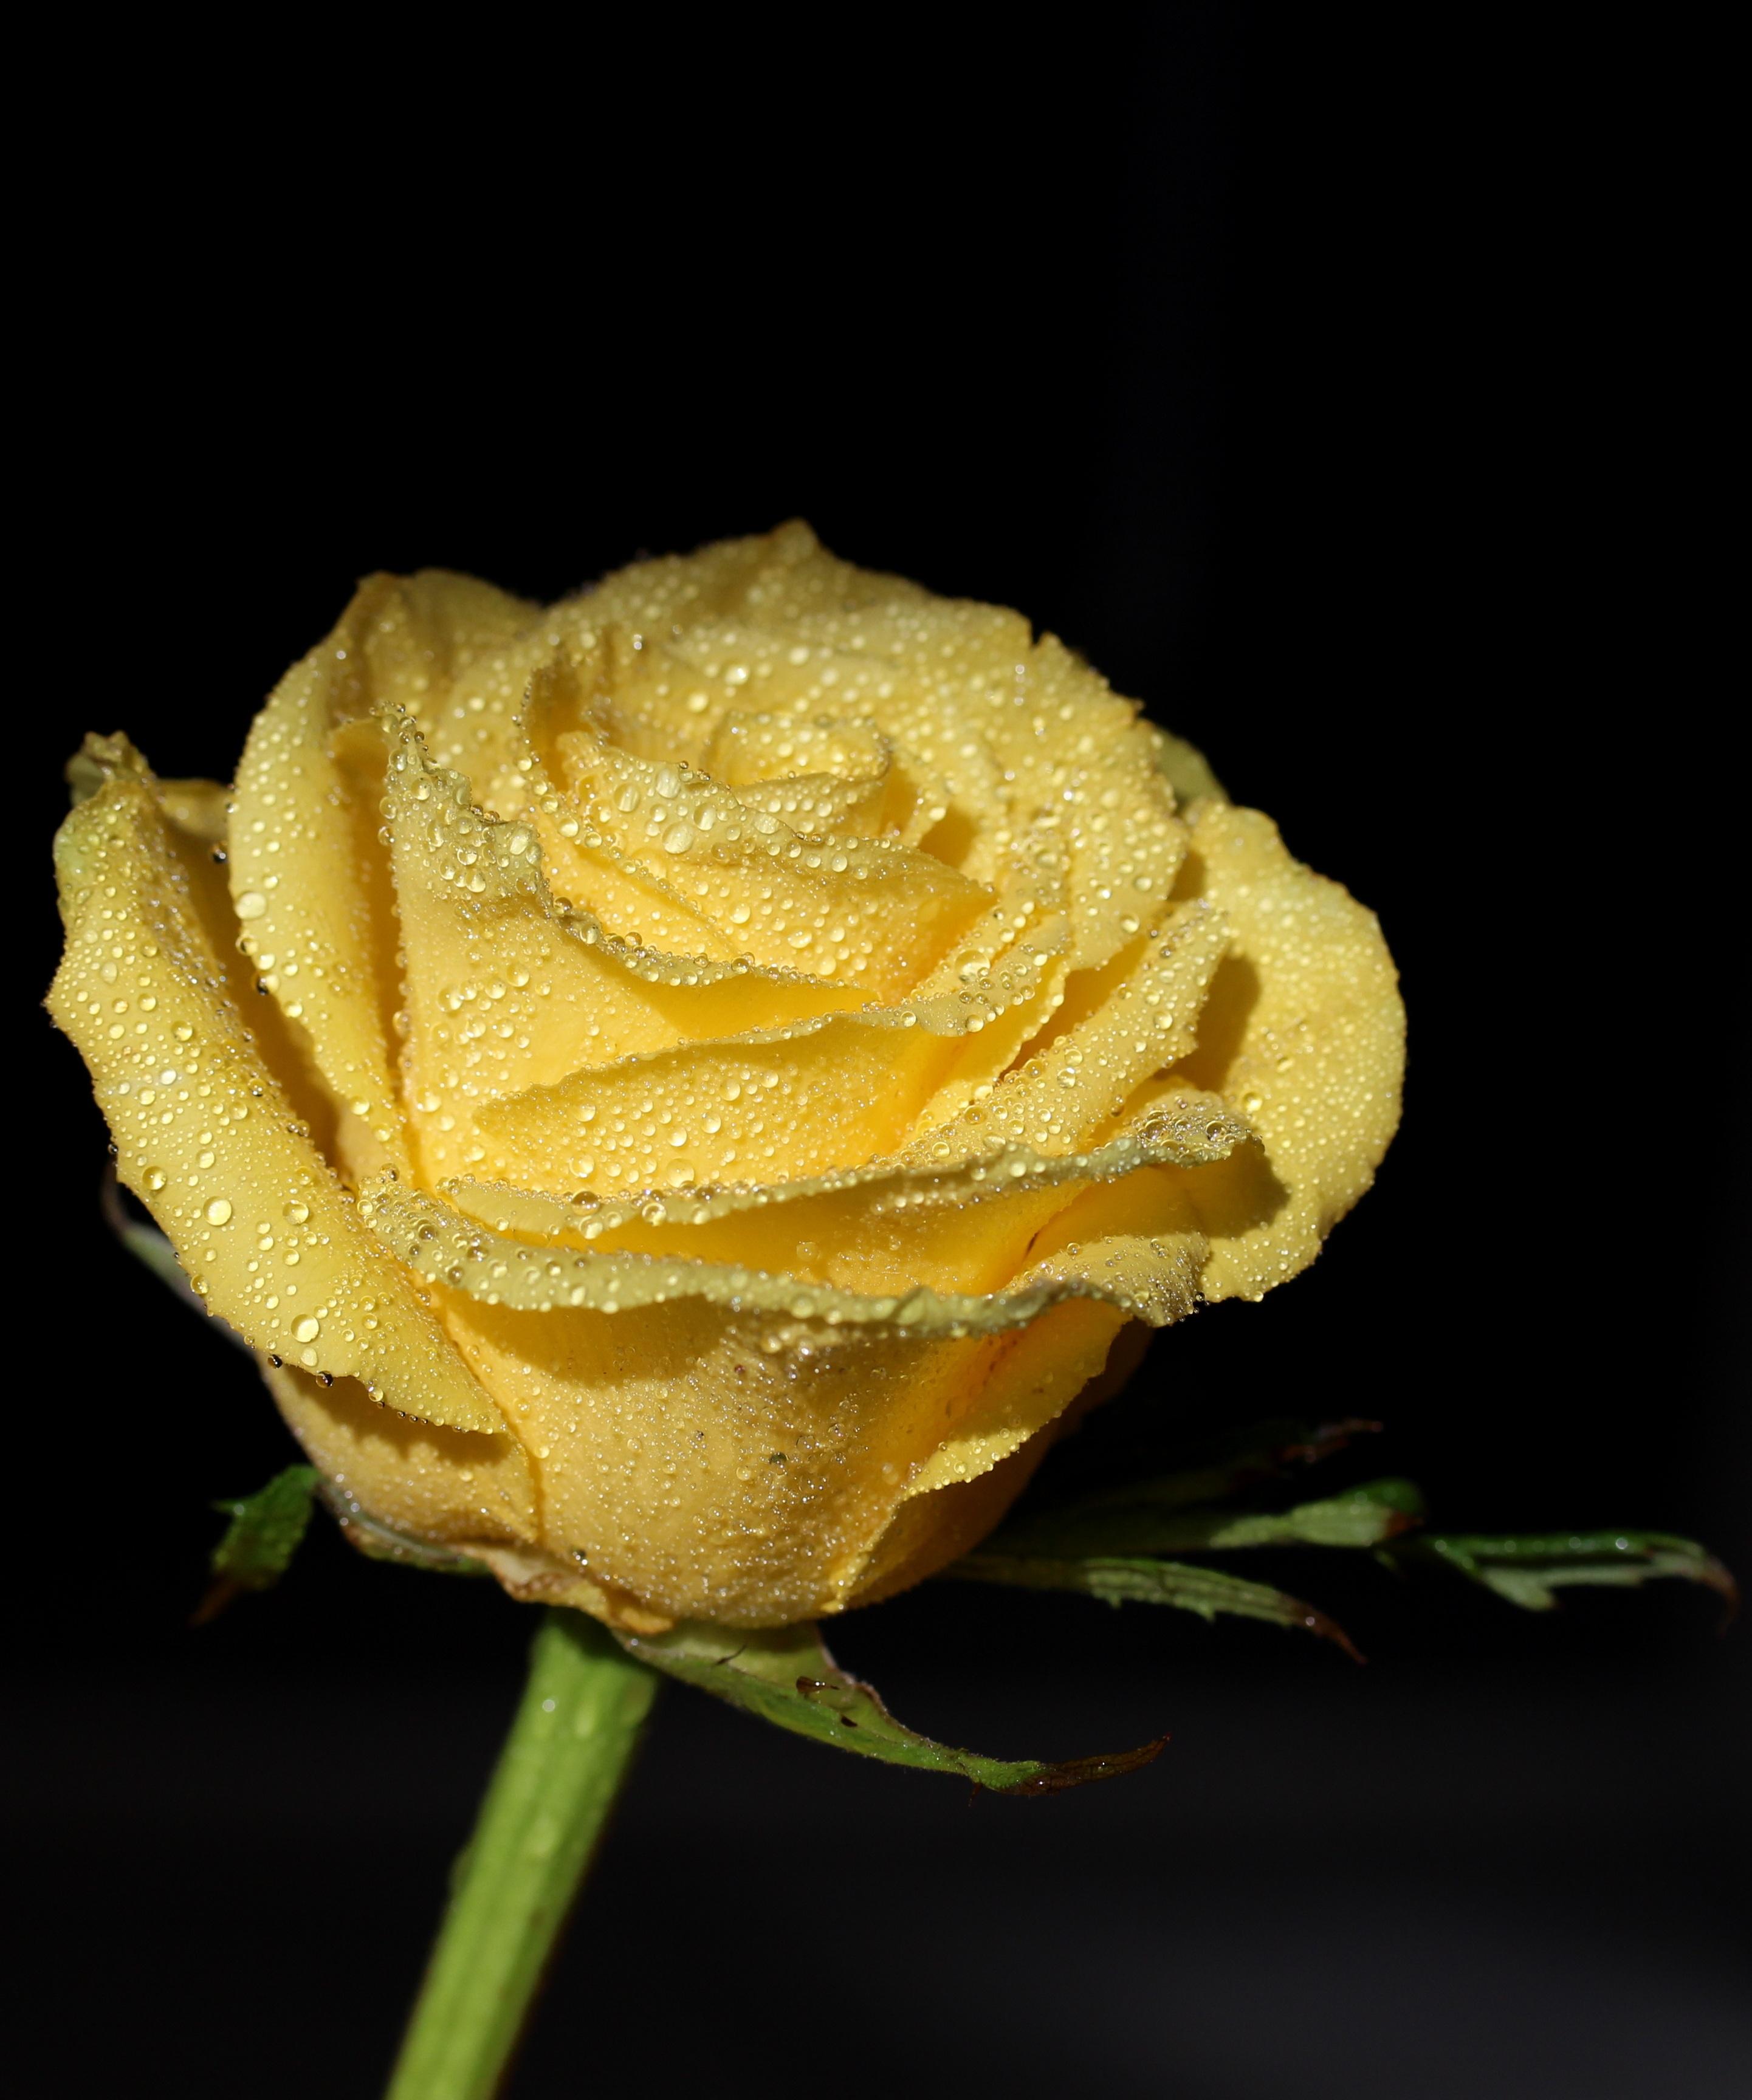 картинки растоптать желтую розу найти достойные